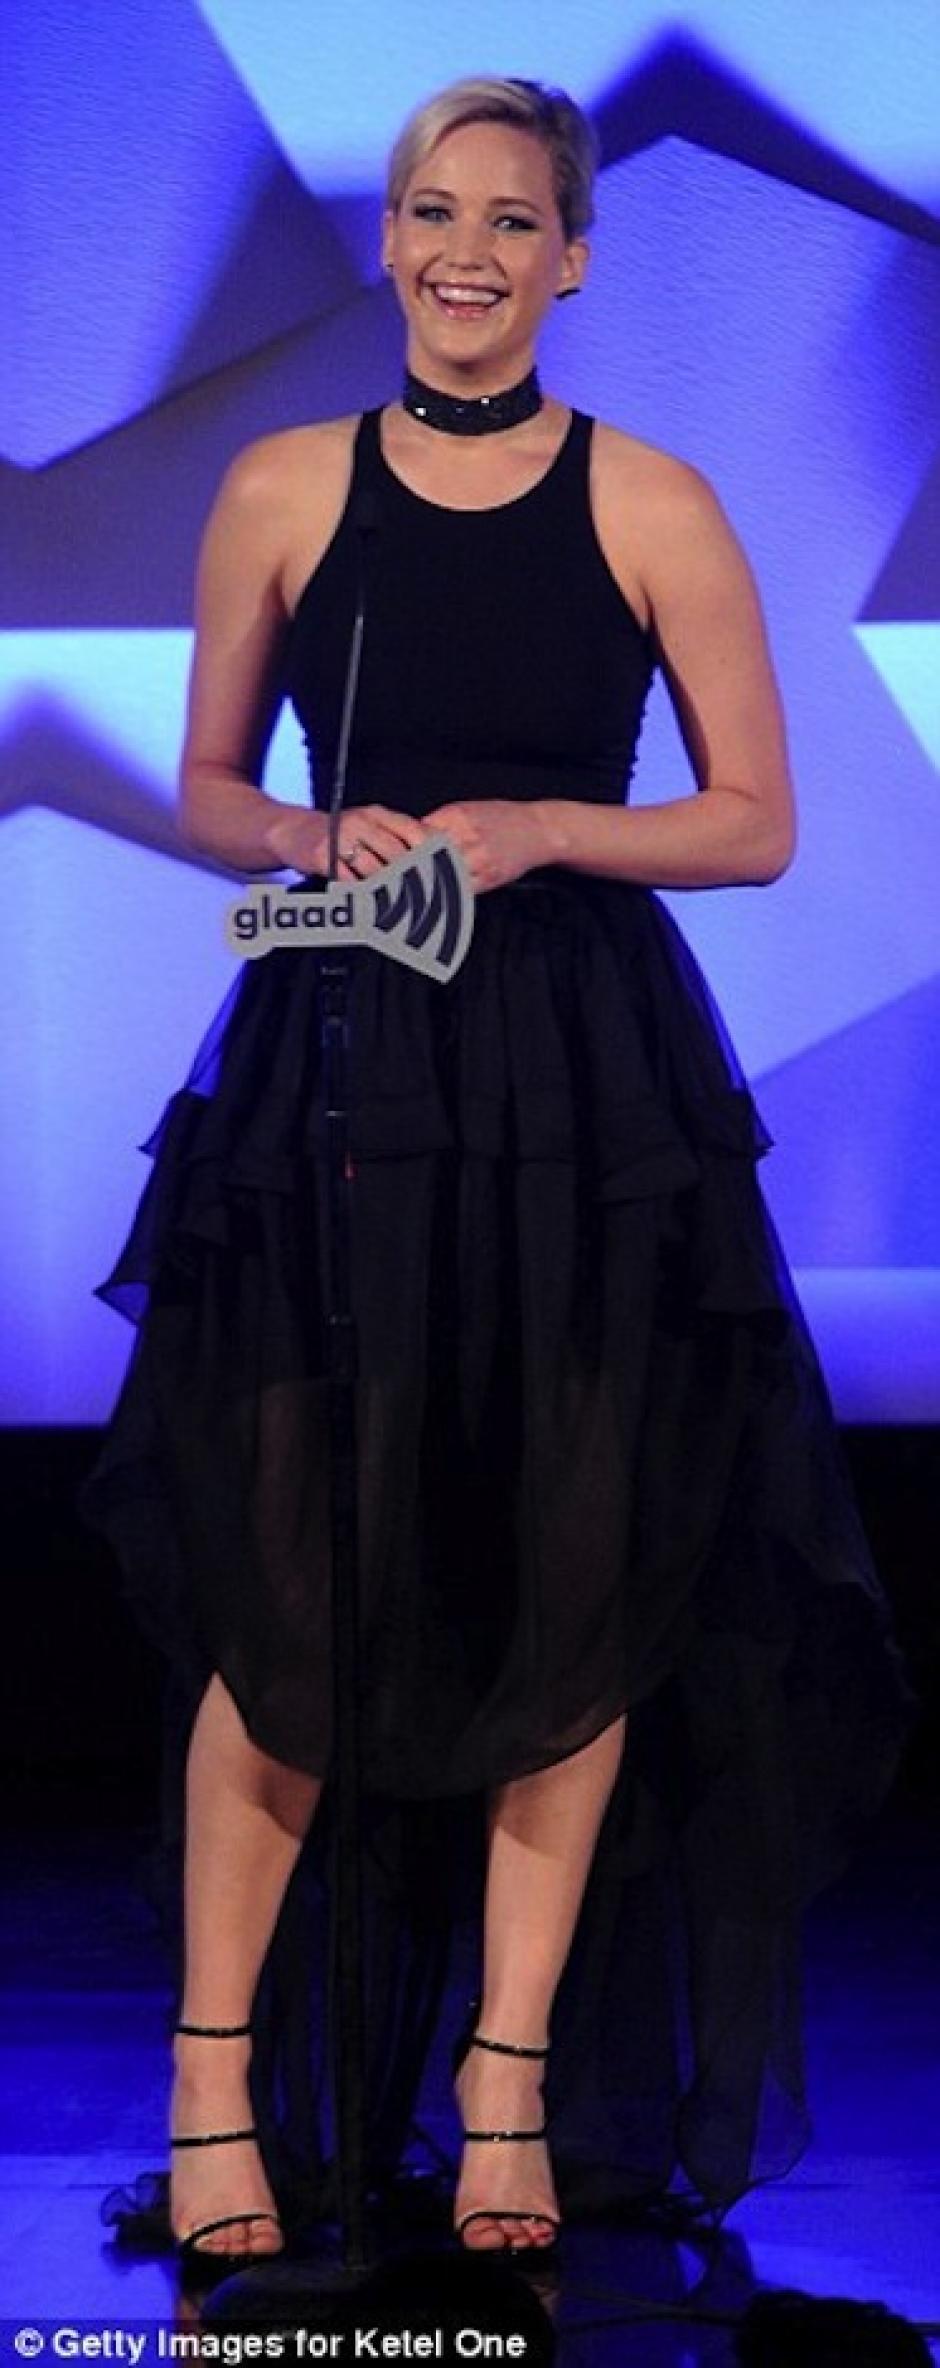 La actriz lució una sonrisa en el escenario. (Foto: Mail Online)